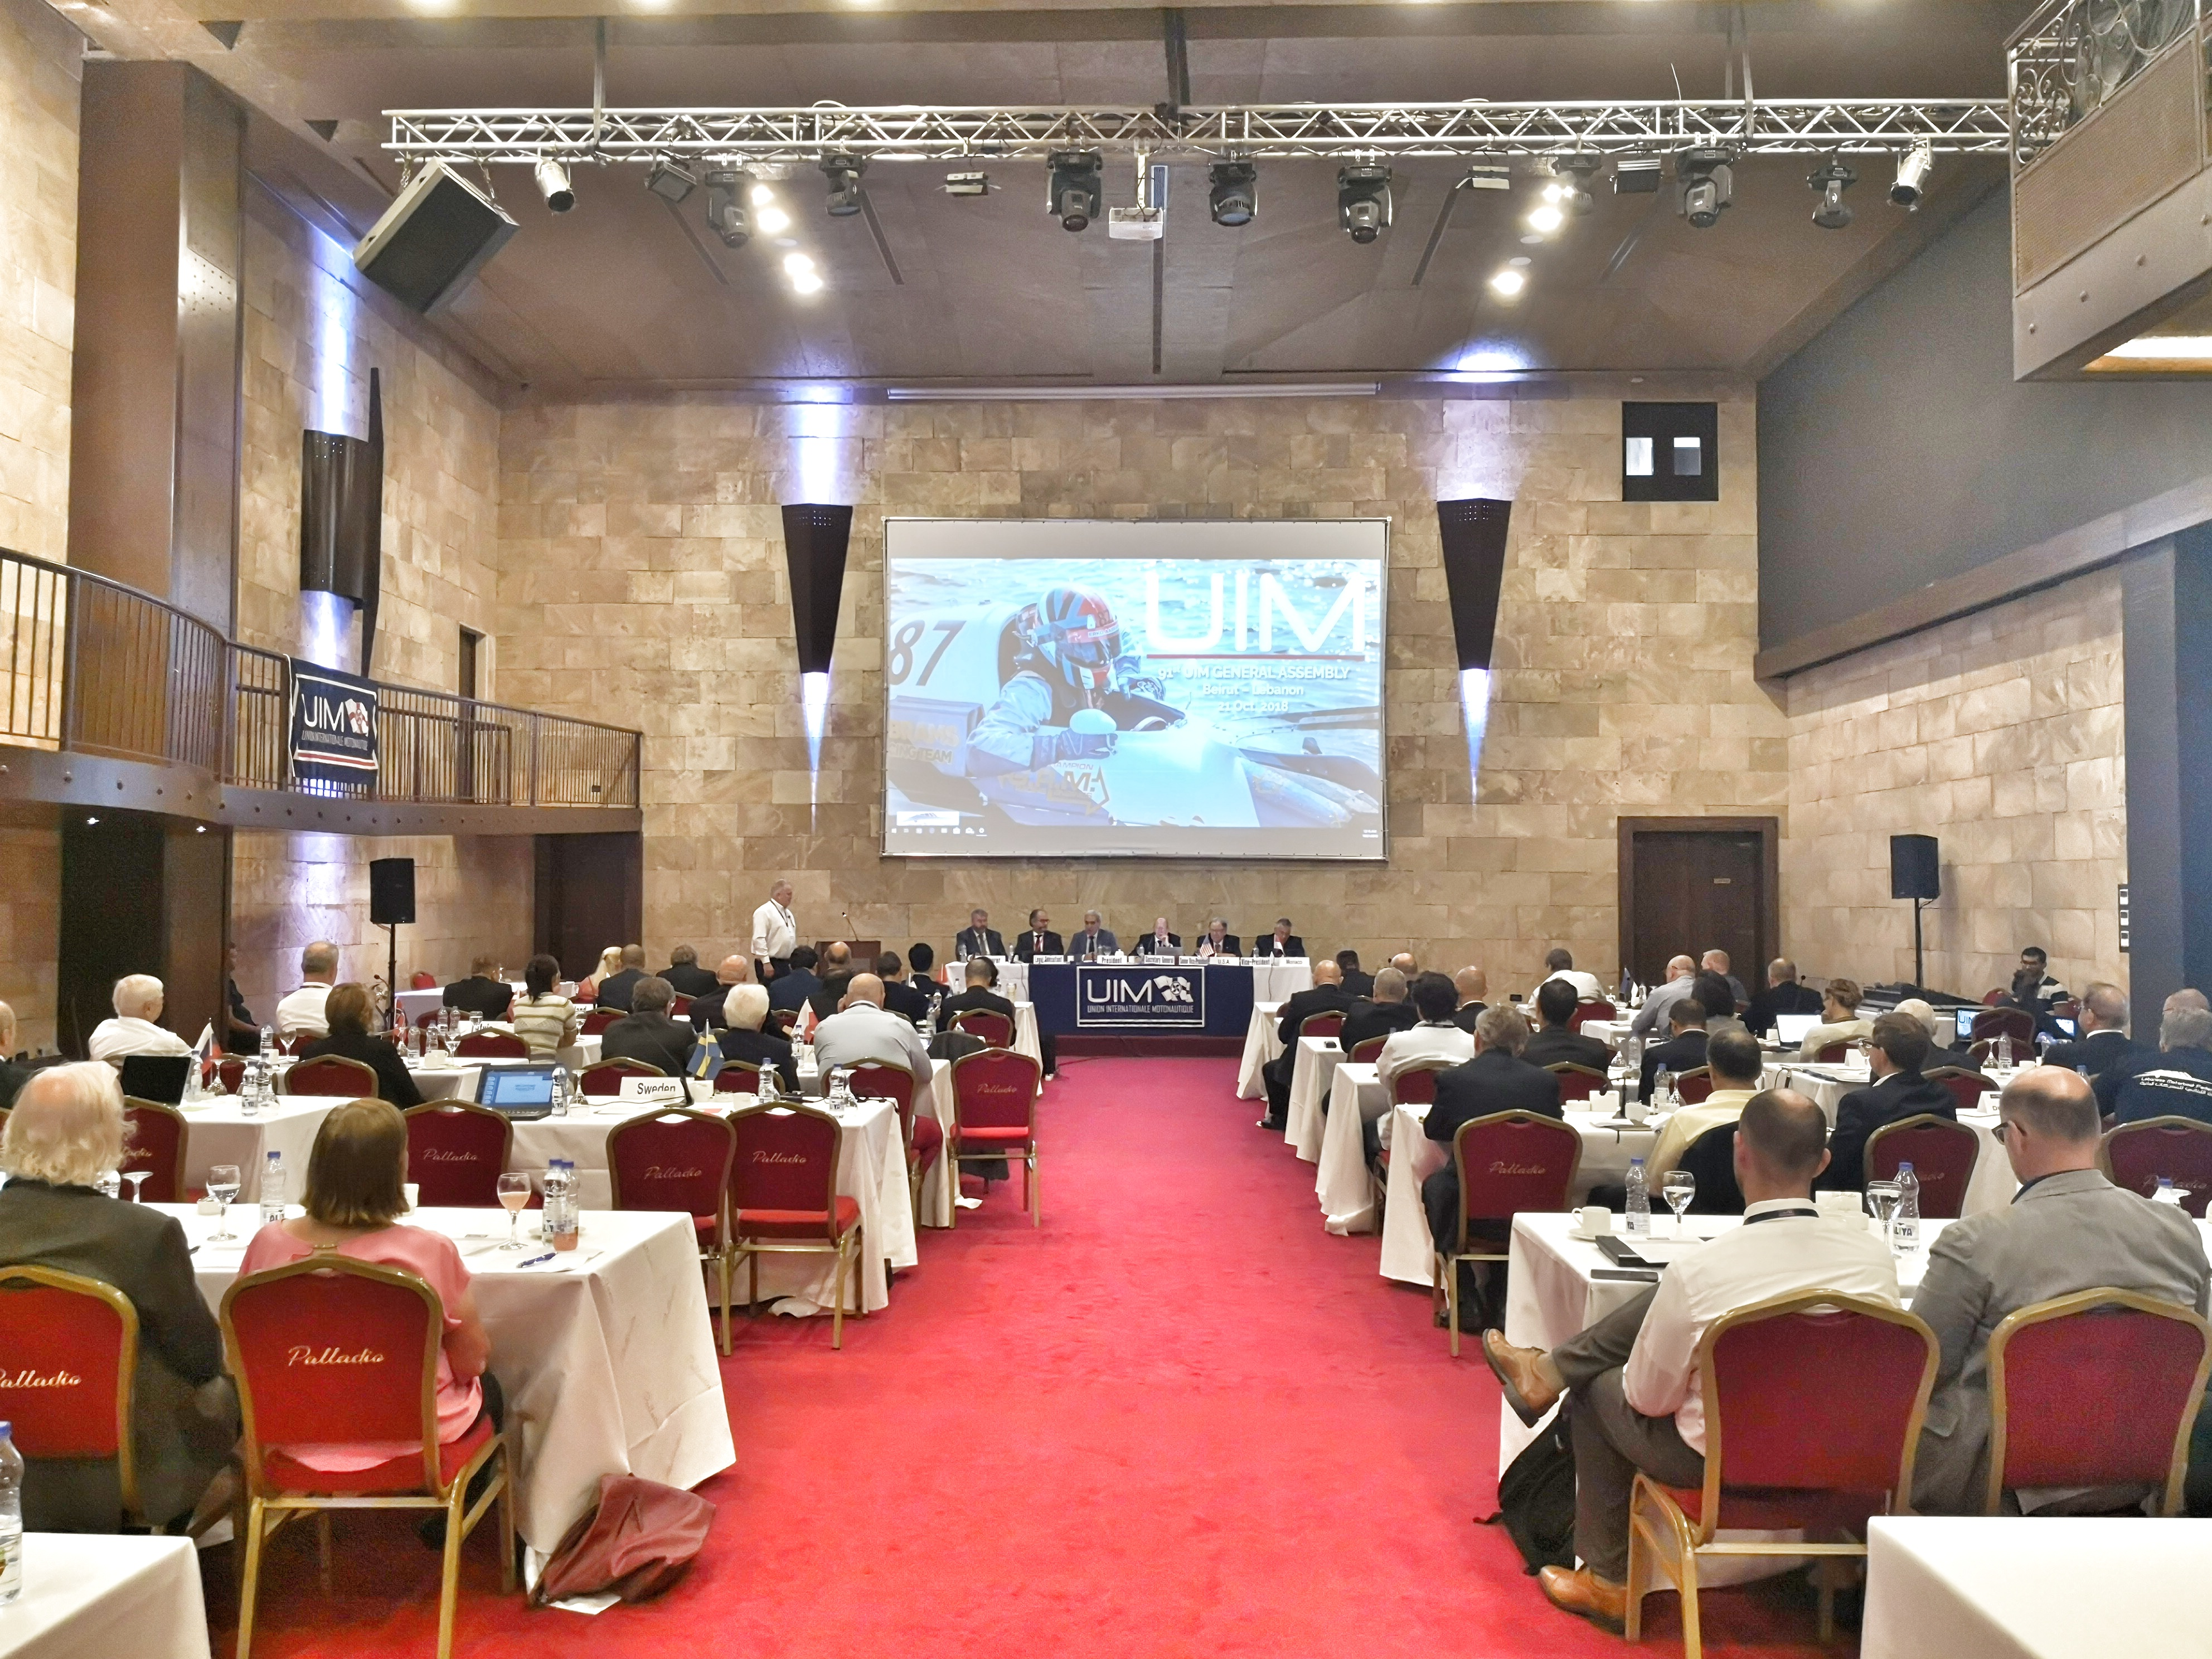 Portugal alcança mais 4 lugares nos órgãos da UIM